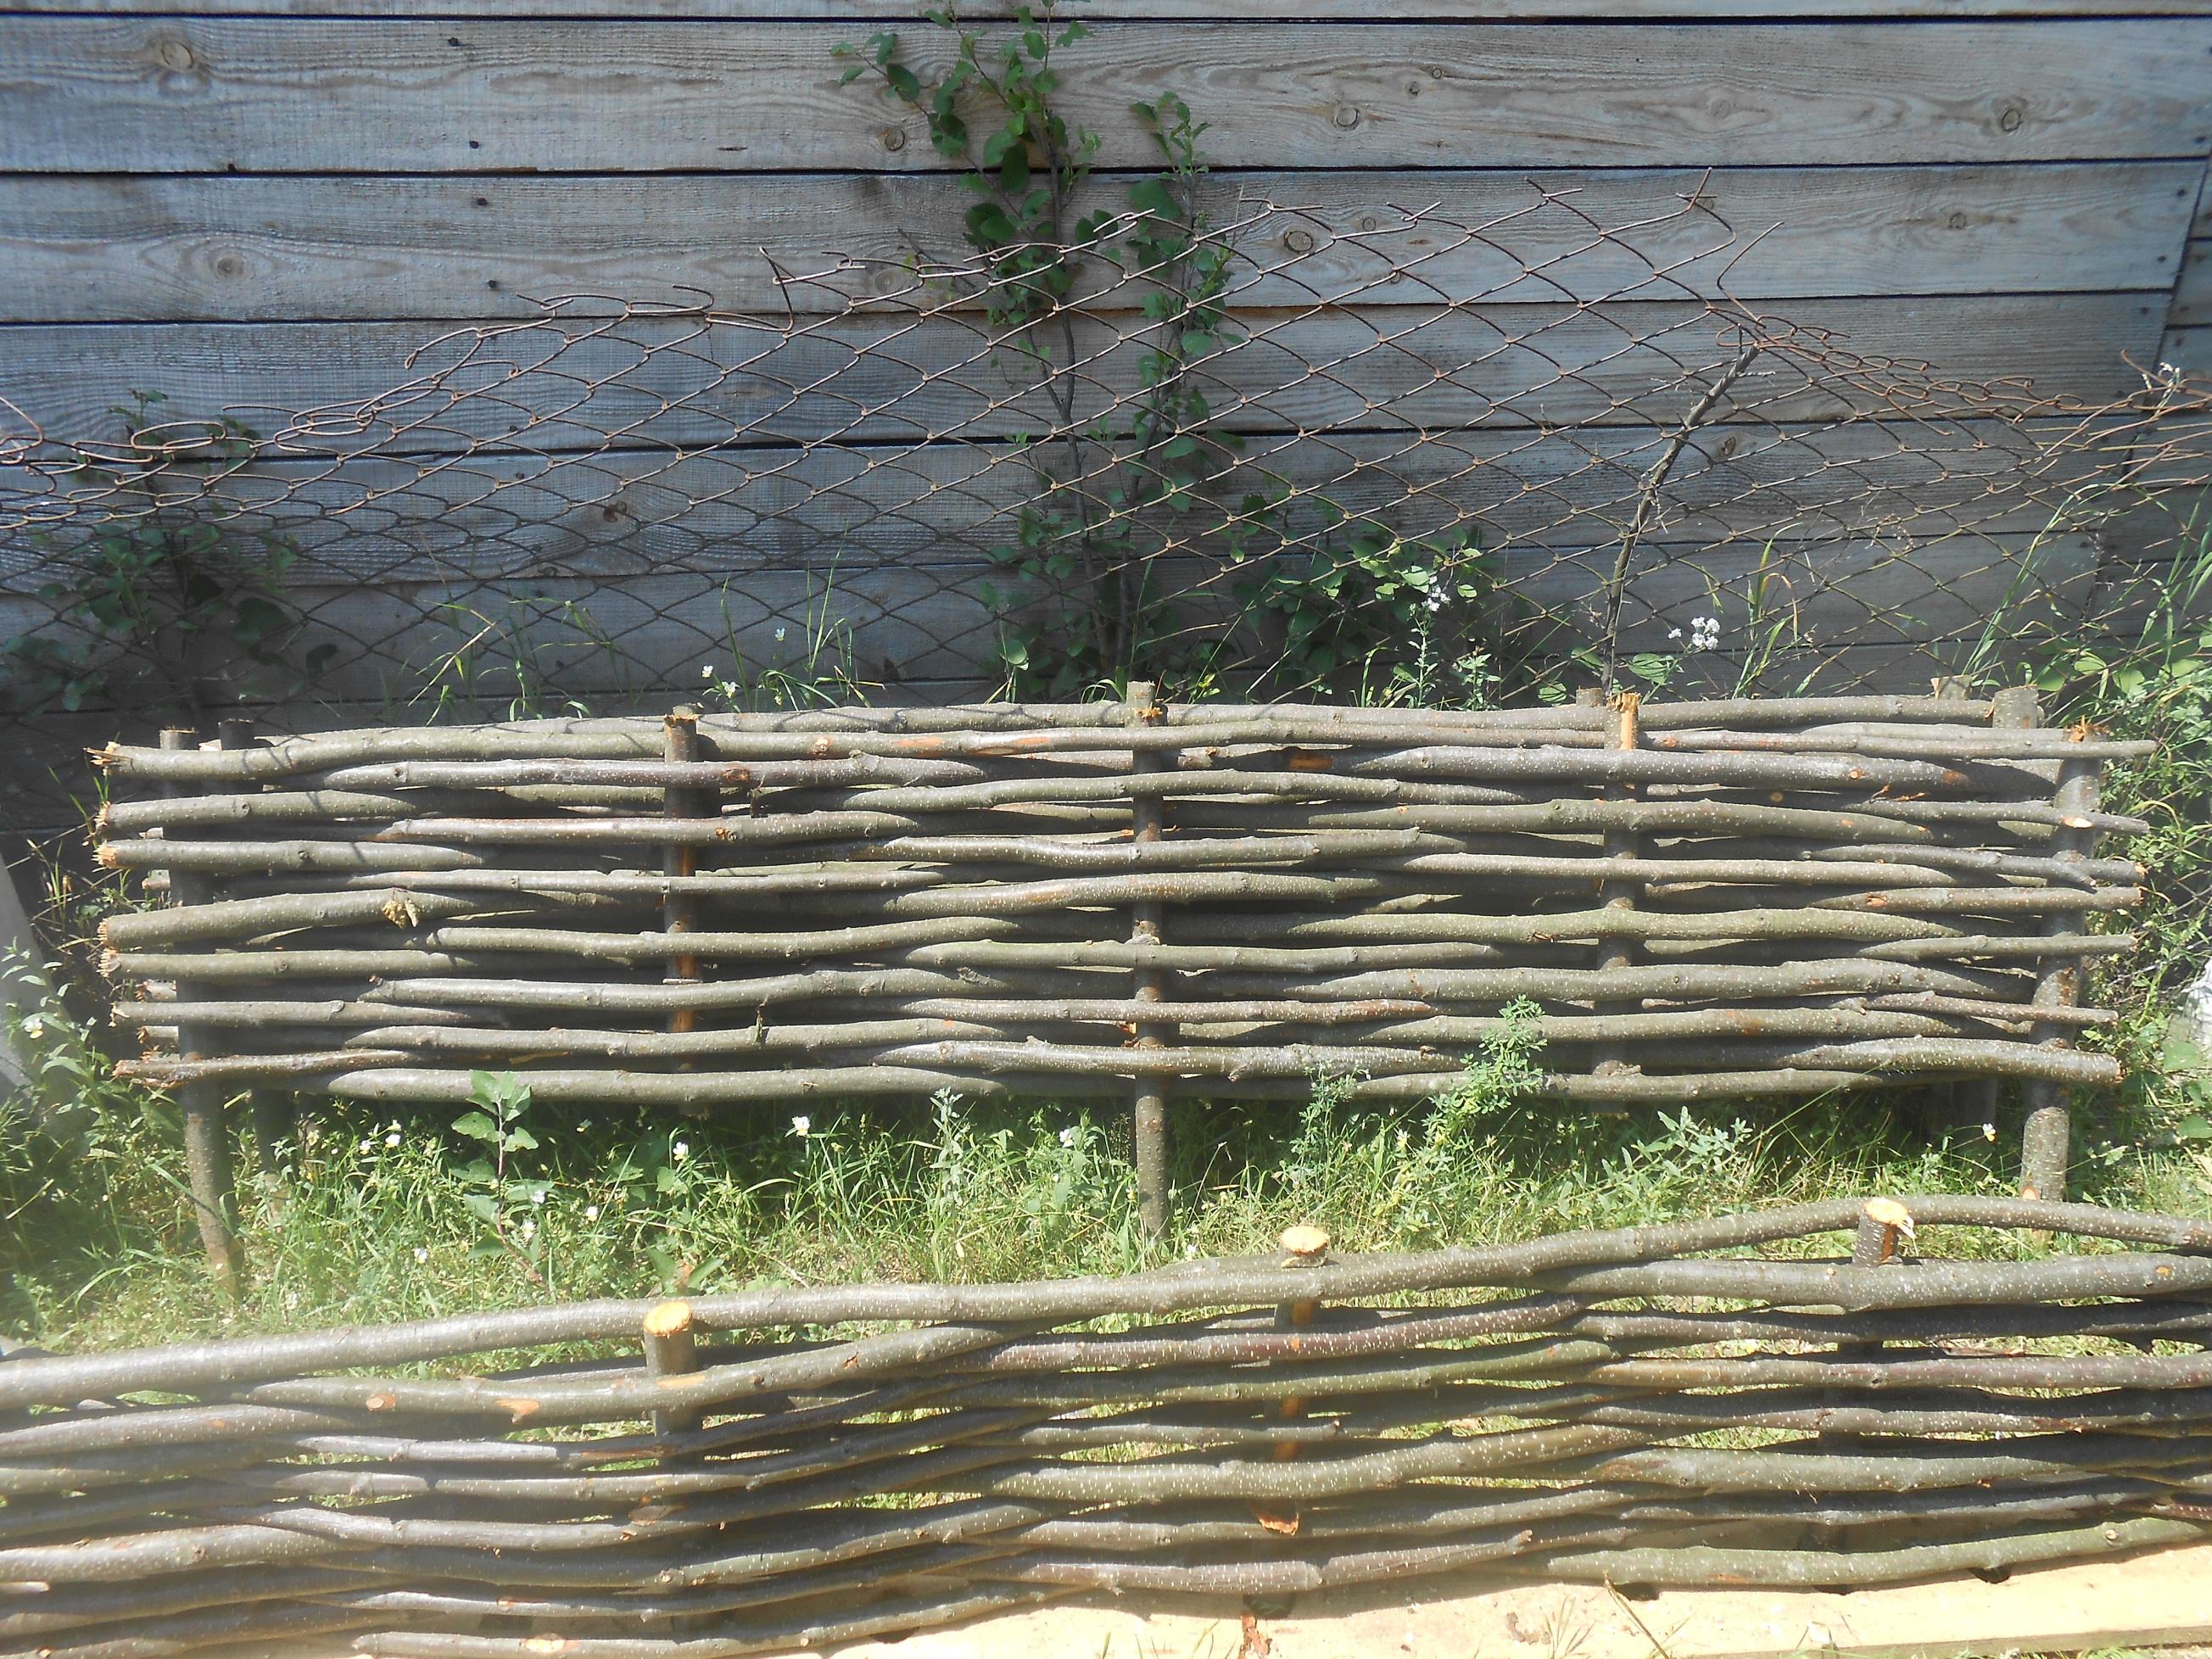 Фото Заборы из лозы. Украинский тын Український тин 1